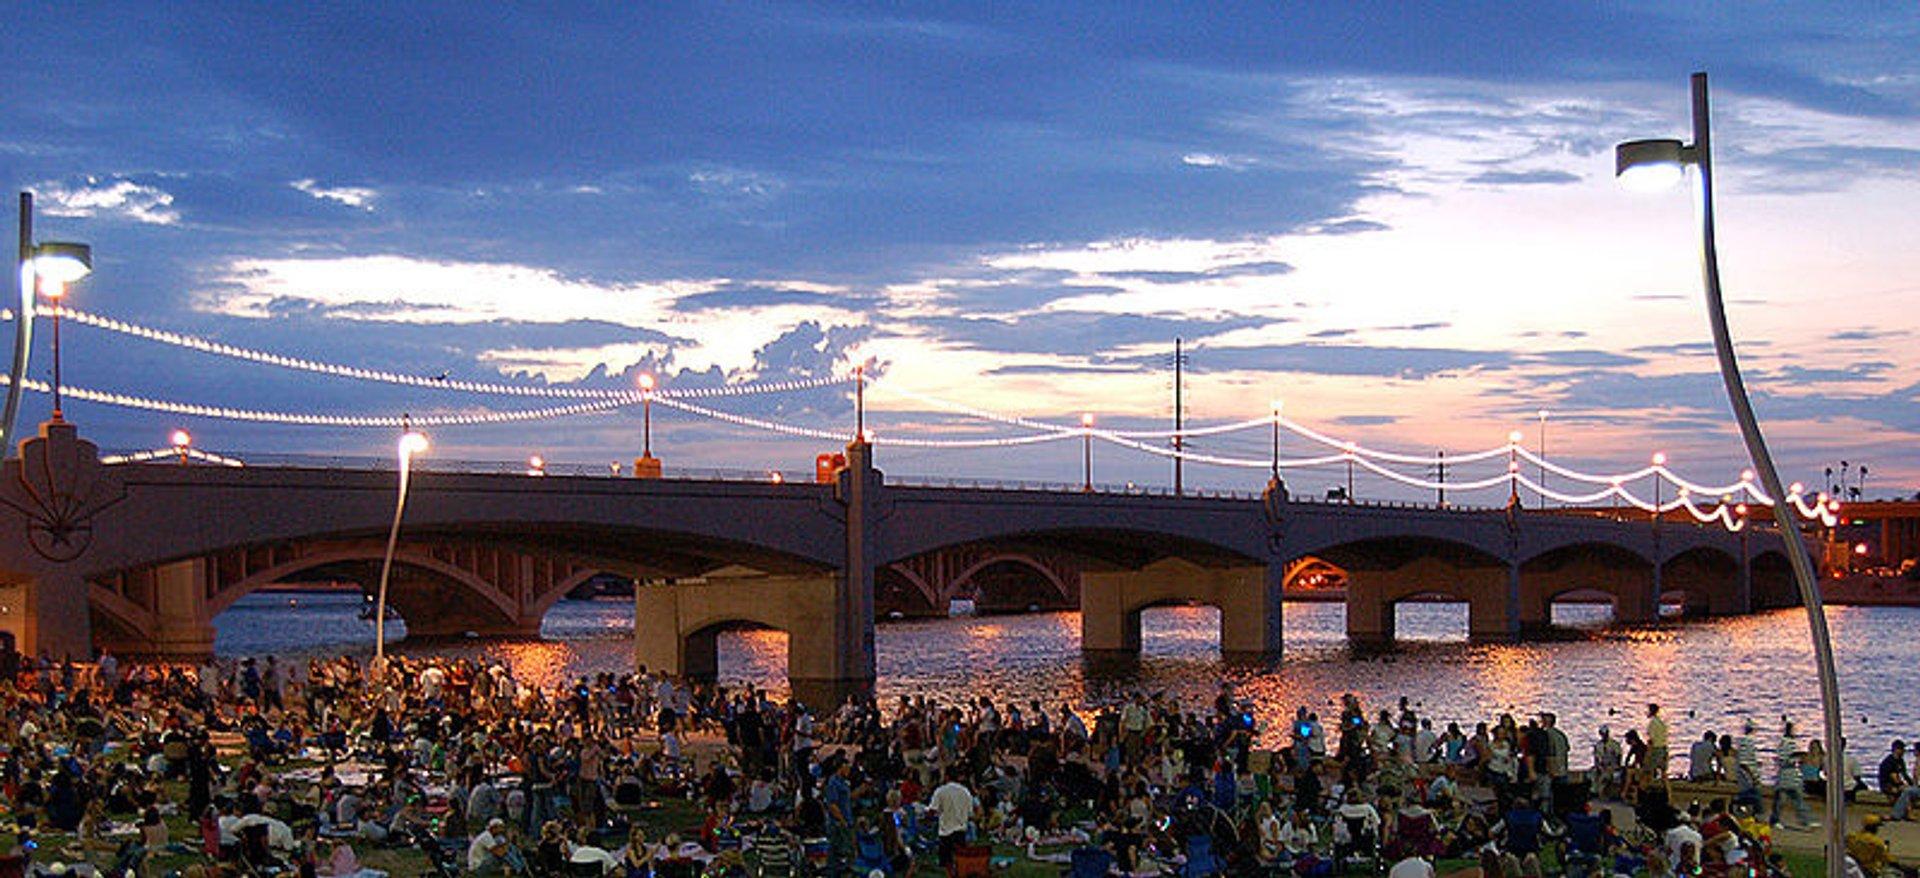 Phoenix 4th of July Events & Fireworks in Phoenix, AZ - Best Season 2020